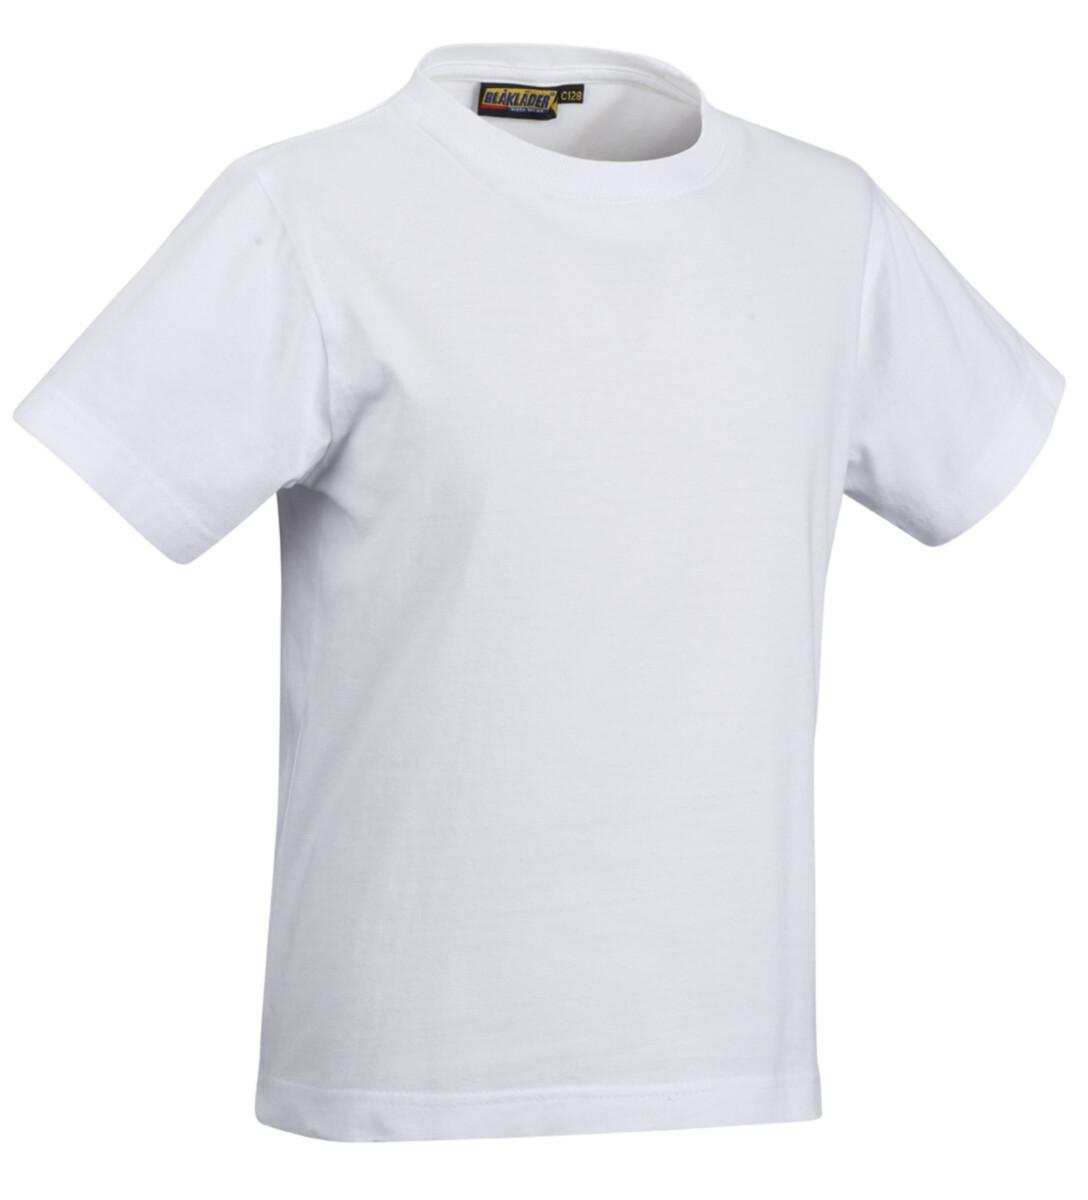 Hanki lapselle lahjaksi paita omalla kuvalla tai tekstillä!